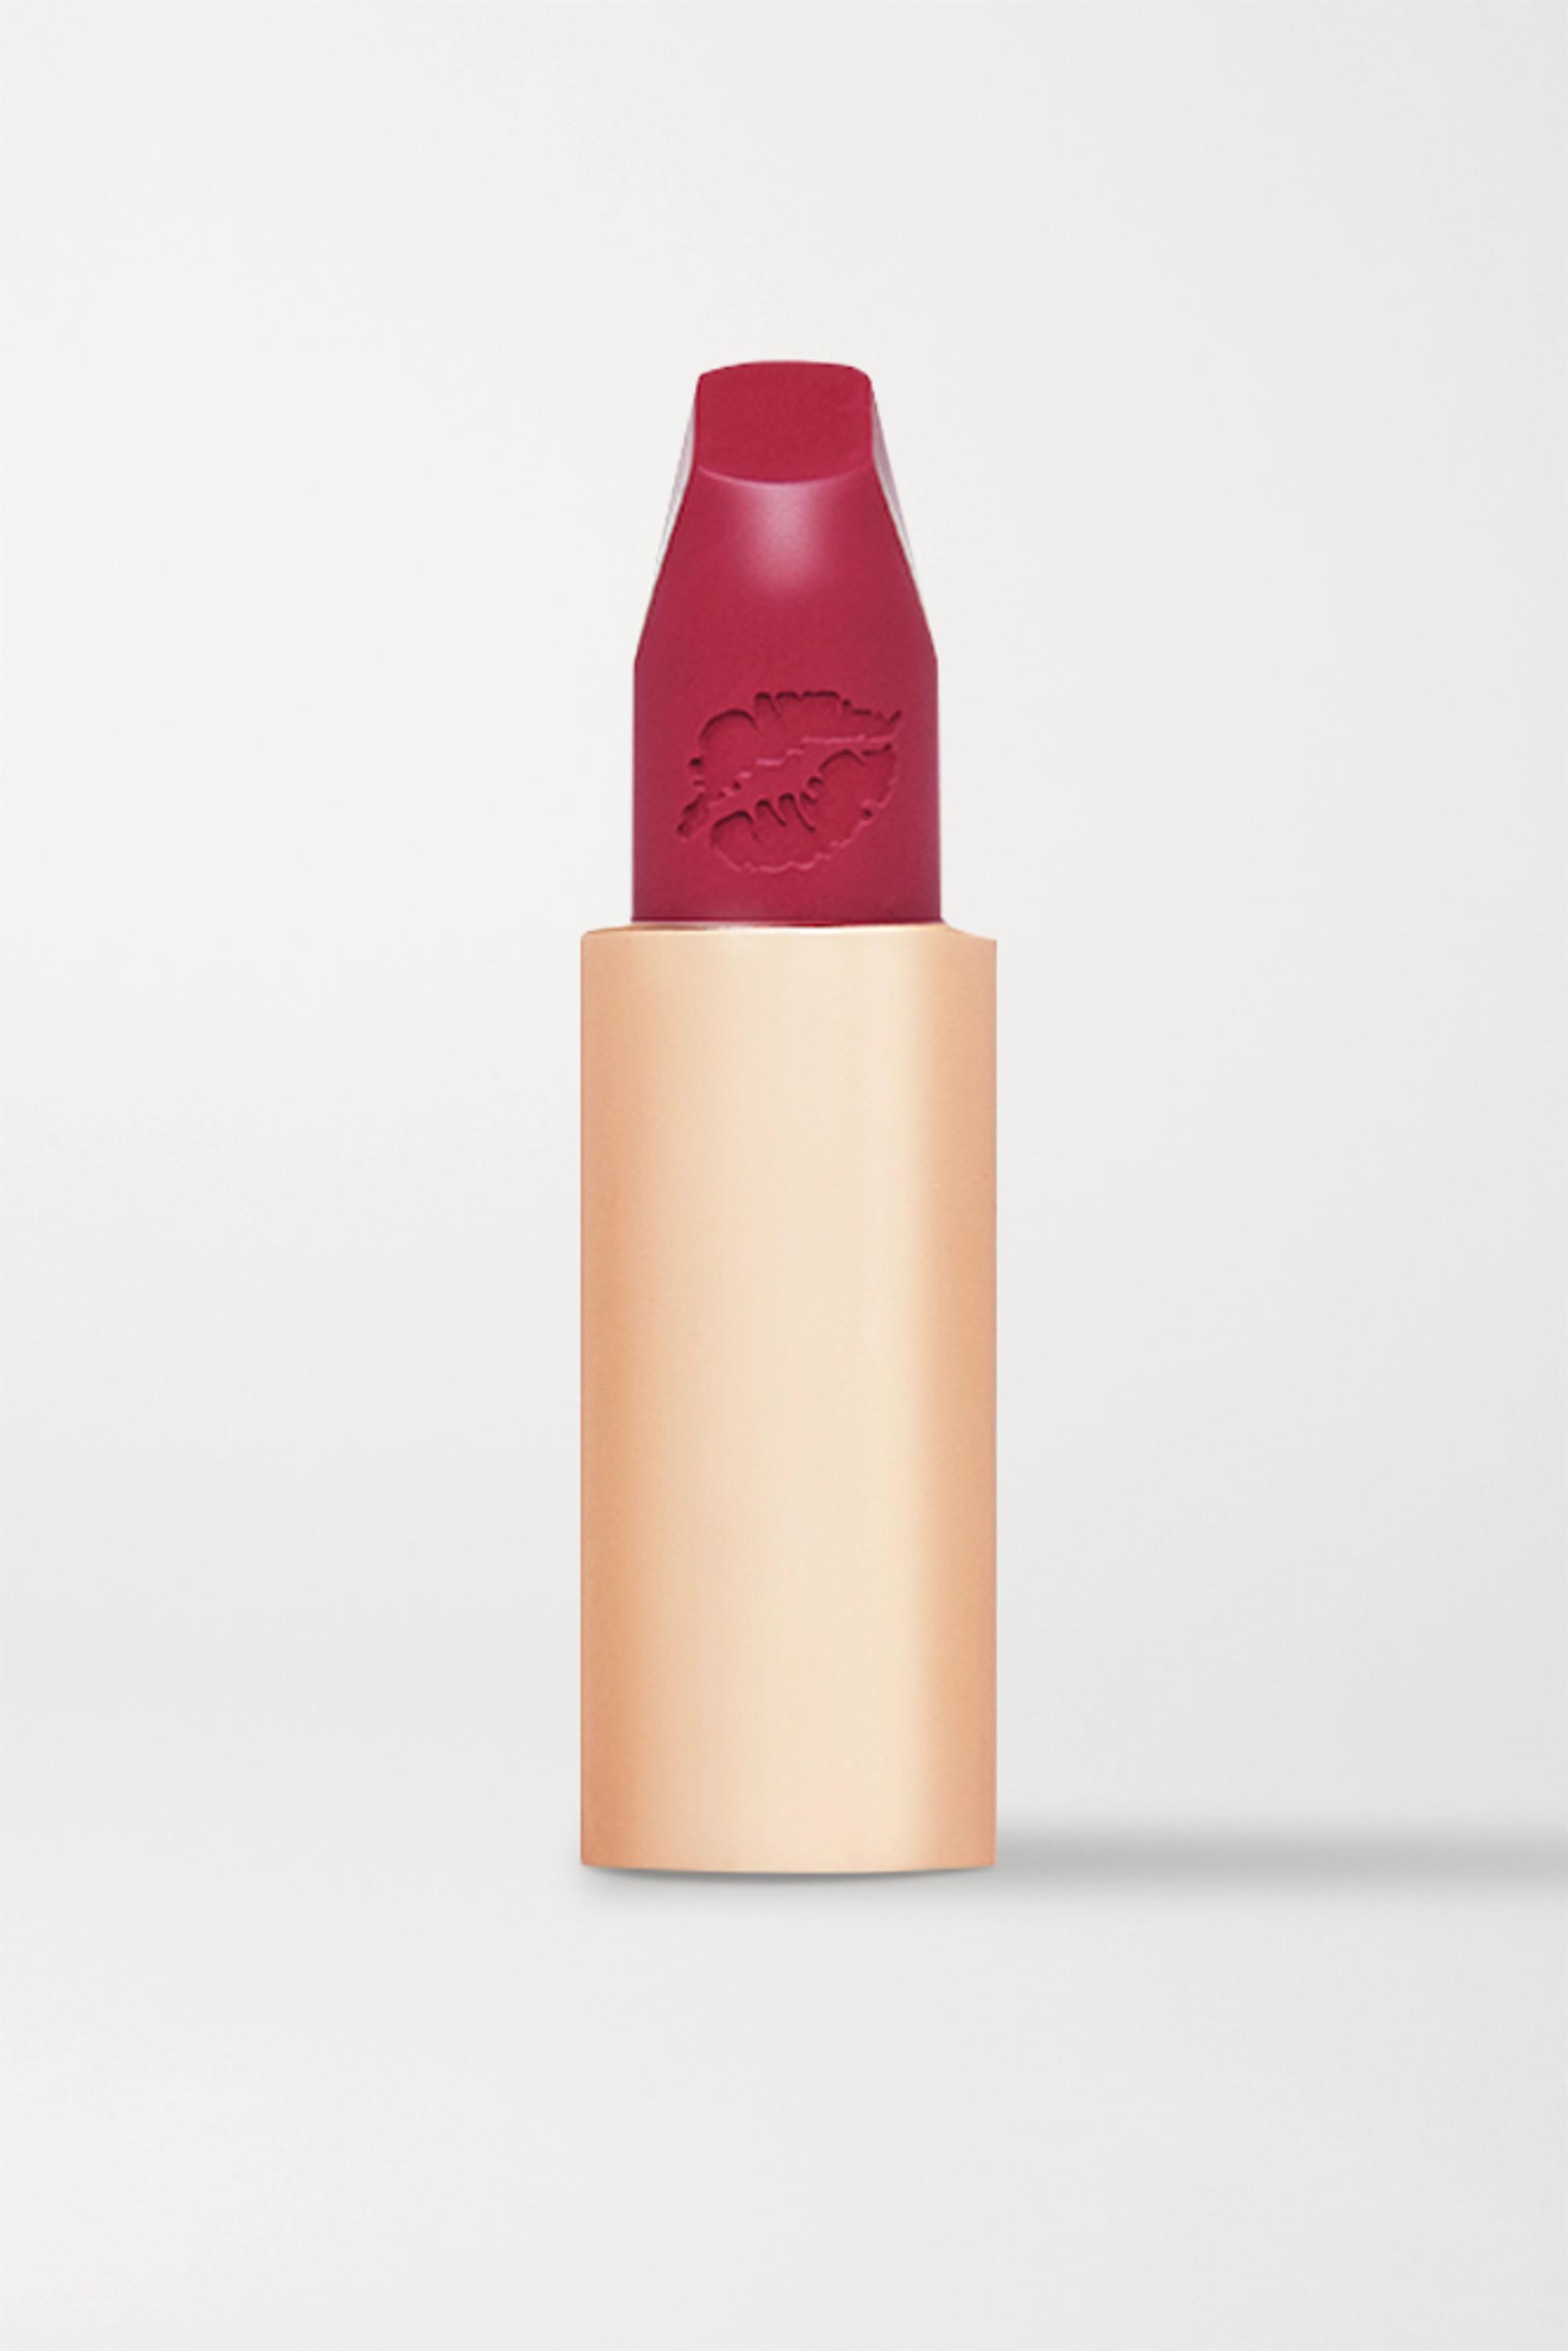 Charlotte Tilbury Recharge pour rouge à lèvres Hot Lips 2, Amazing Amal